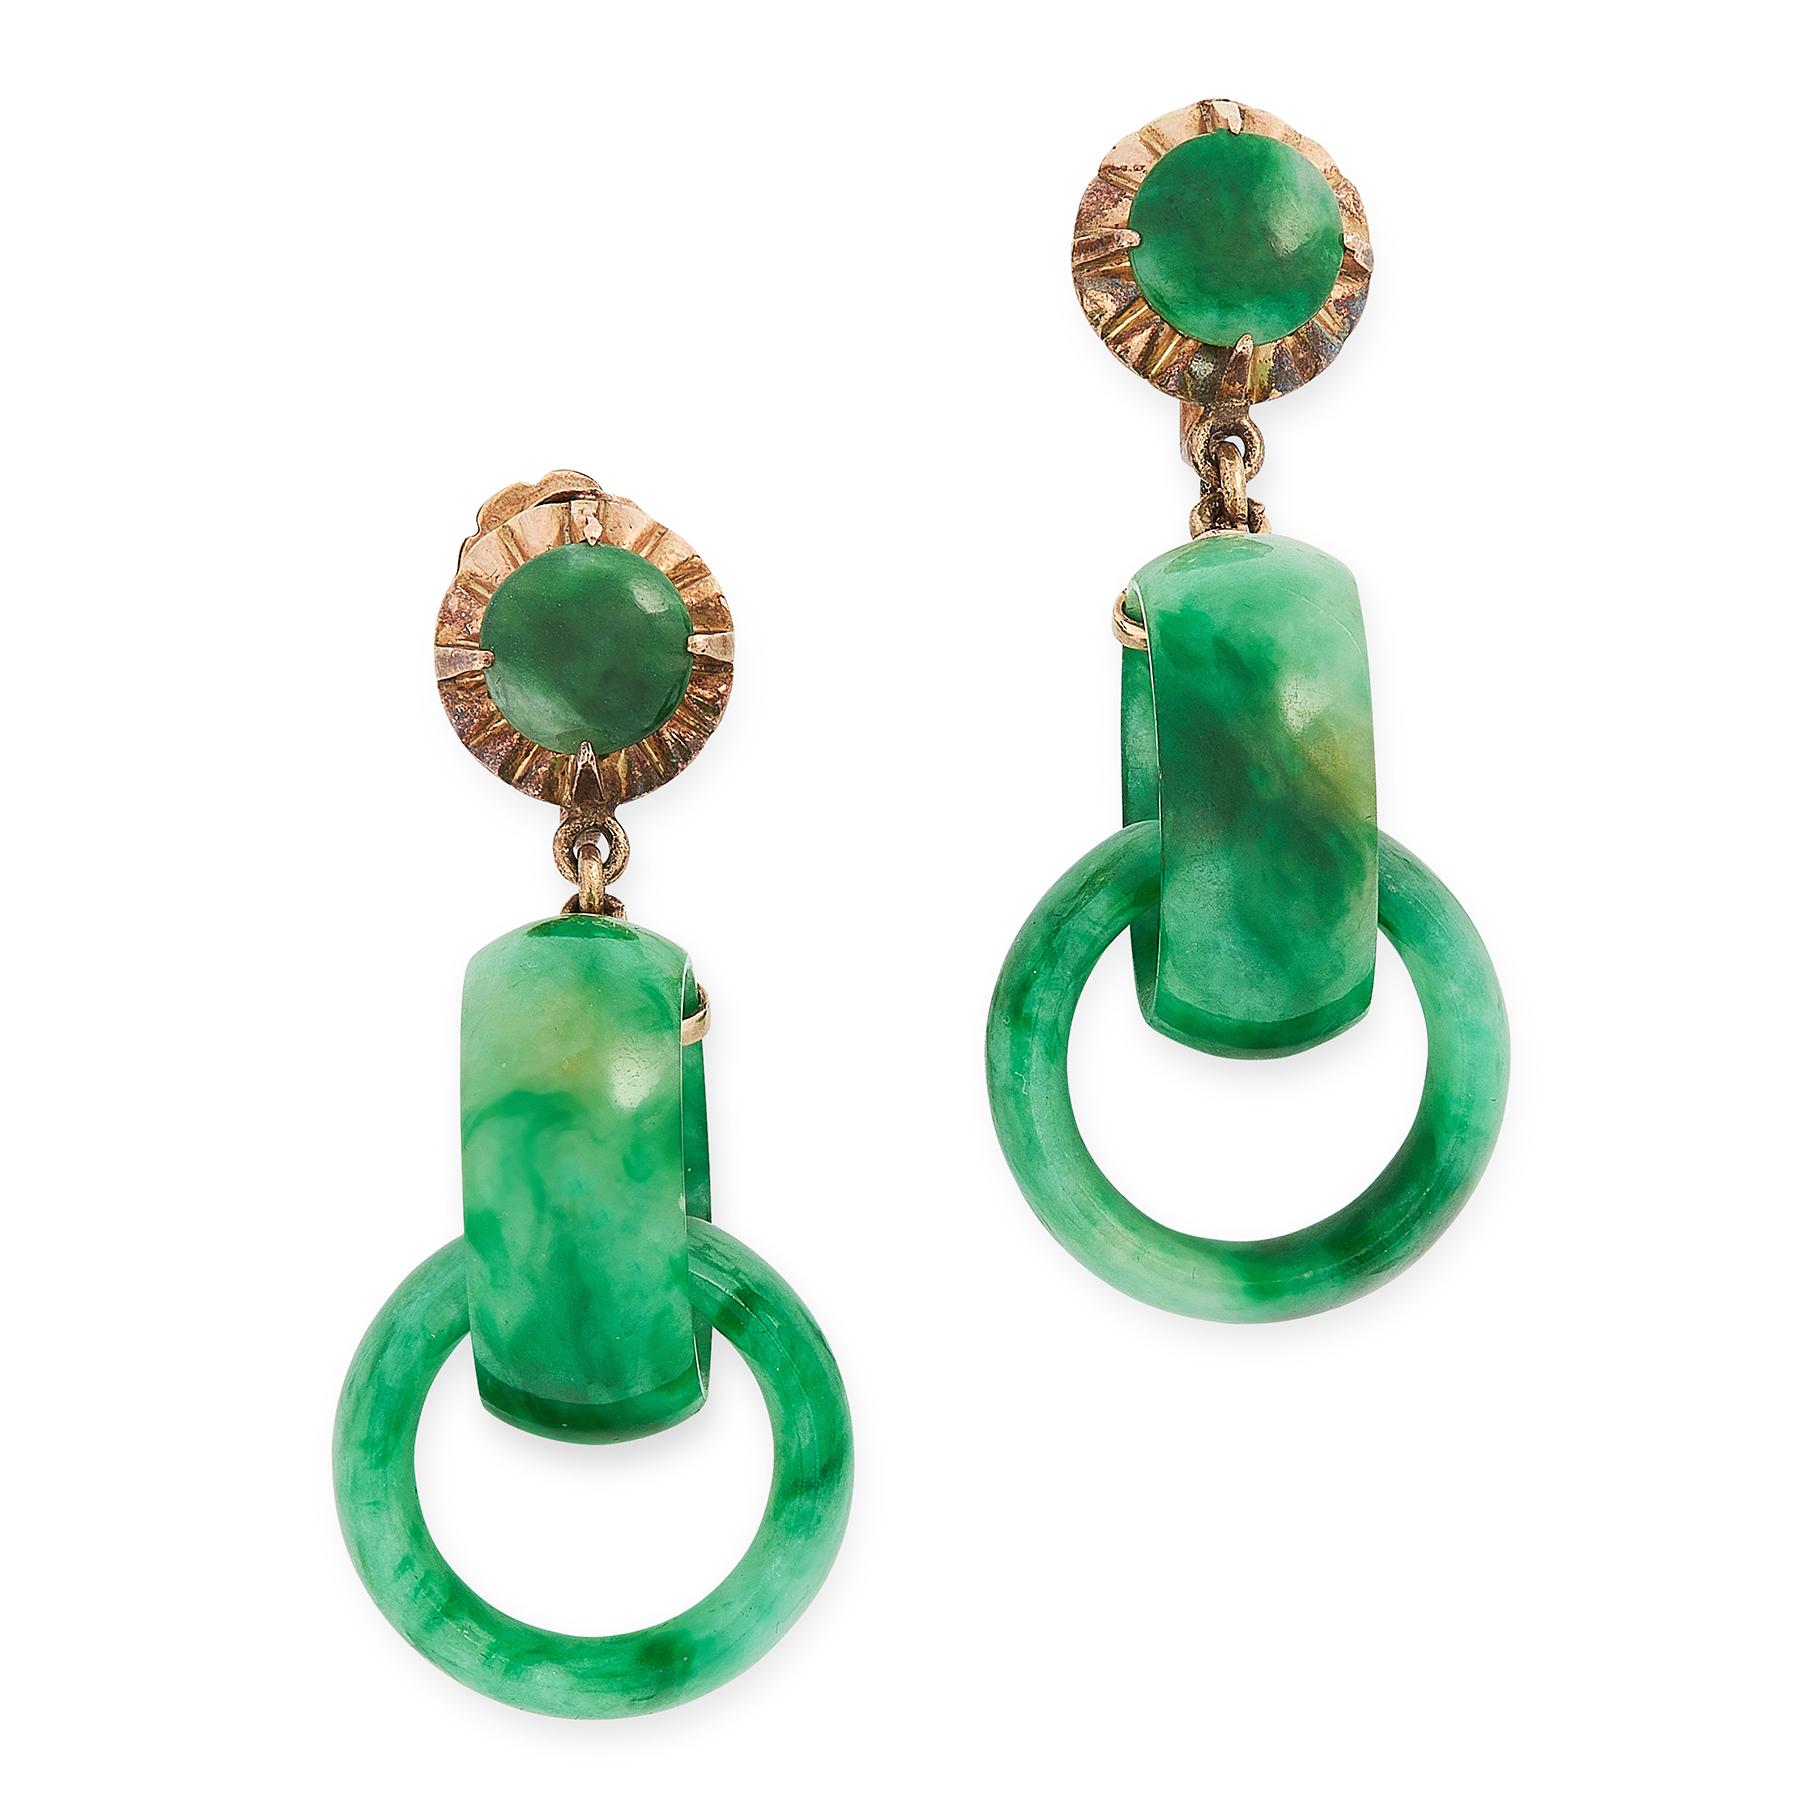 A PAIR OF JADEITE JADE DROP EARRINGS in yellow gold, each formed of two interlocking jade rings,